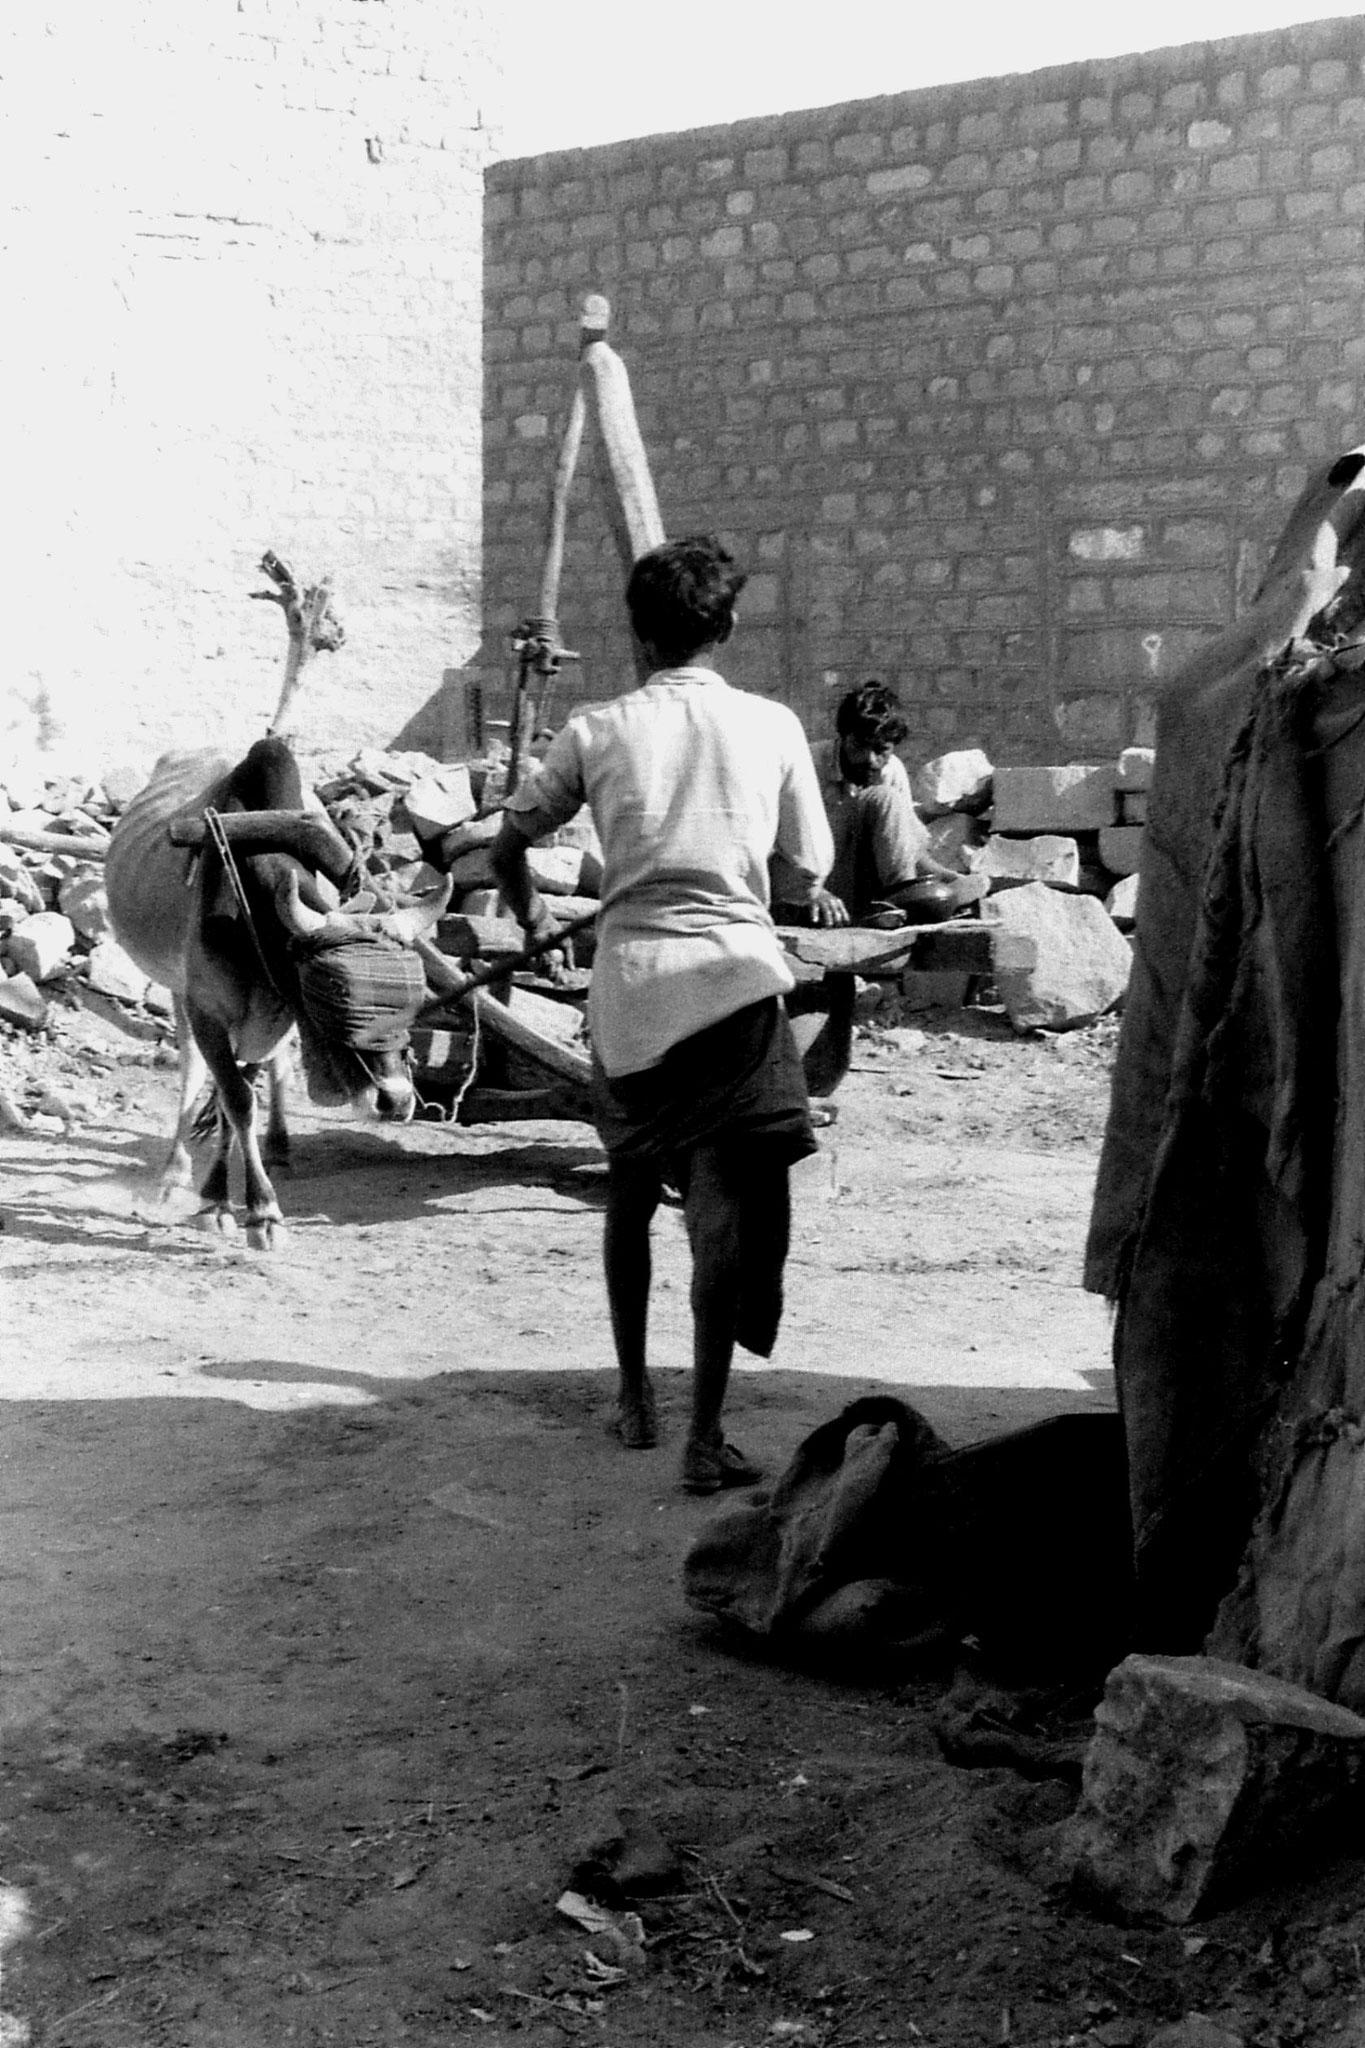 3/12/1989: 26: Jaisalmer, ox mill